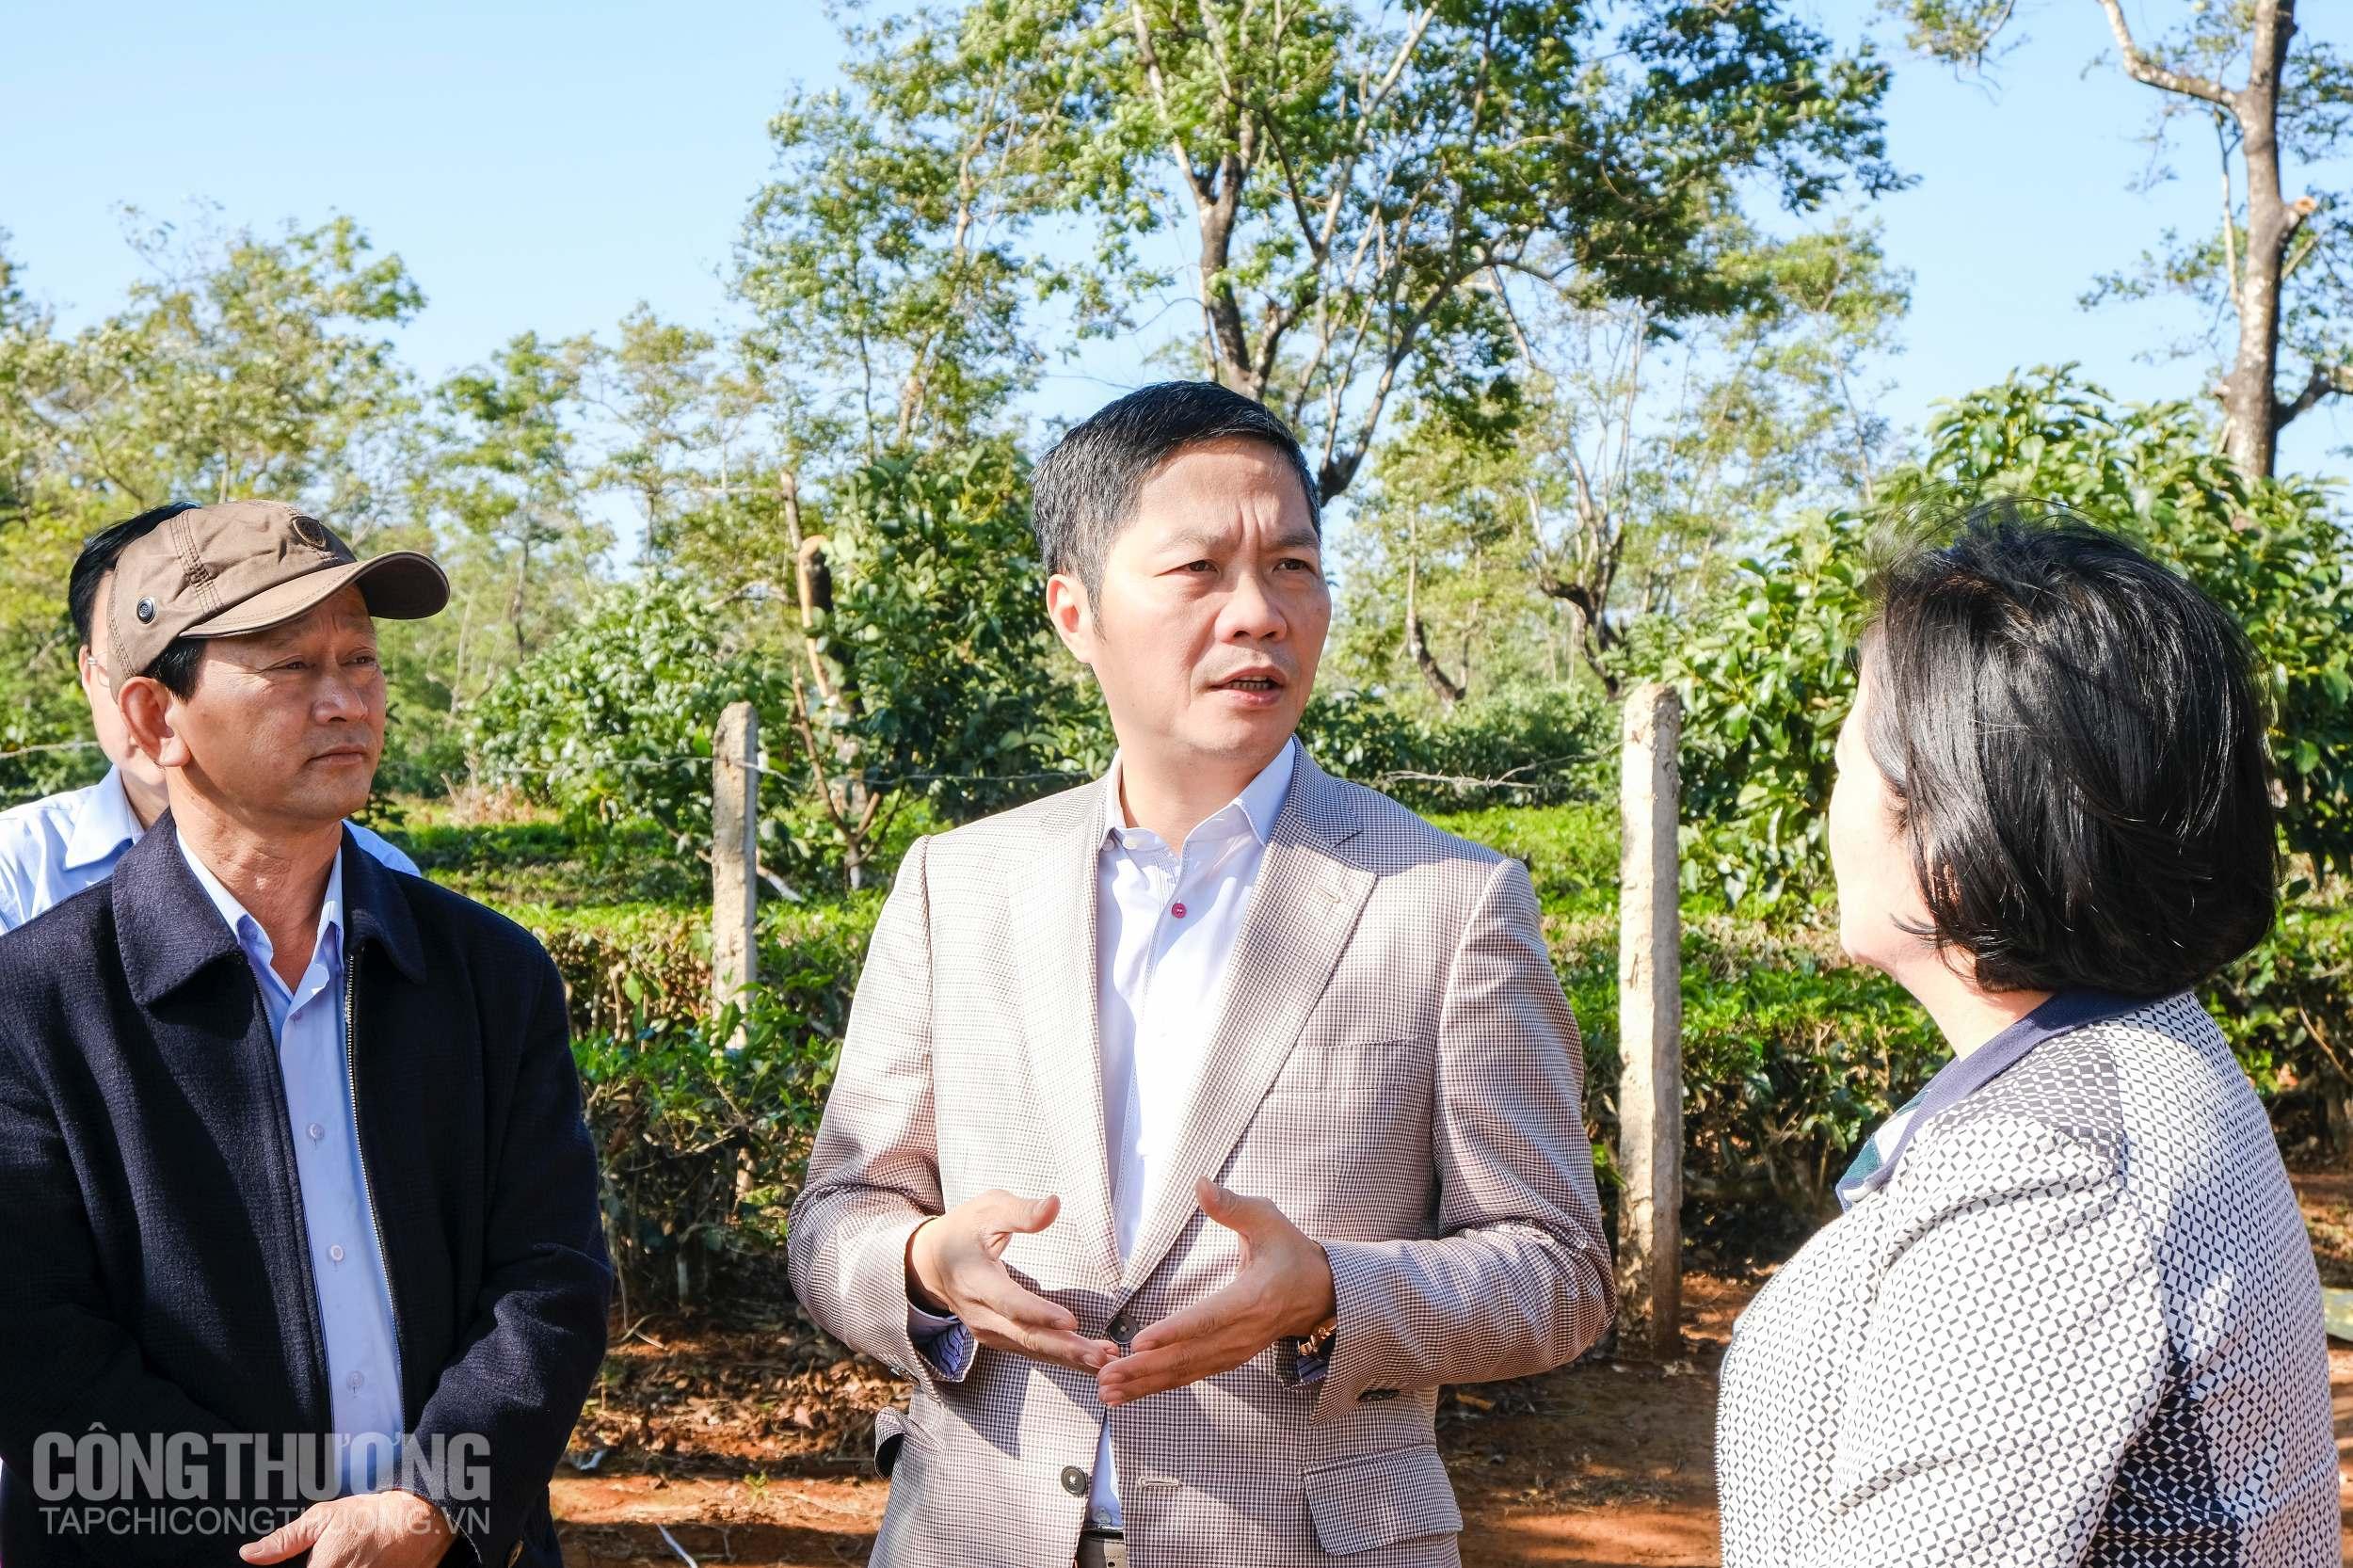 Bộ Công Thương đồng hành cùng Gia Lai thúc đẩy phát triển năng lượng tái tạo